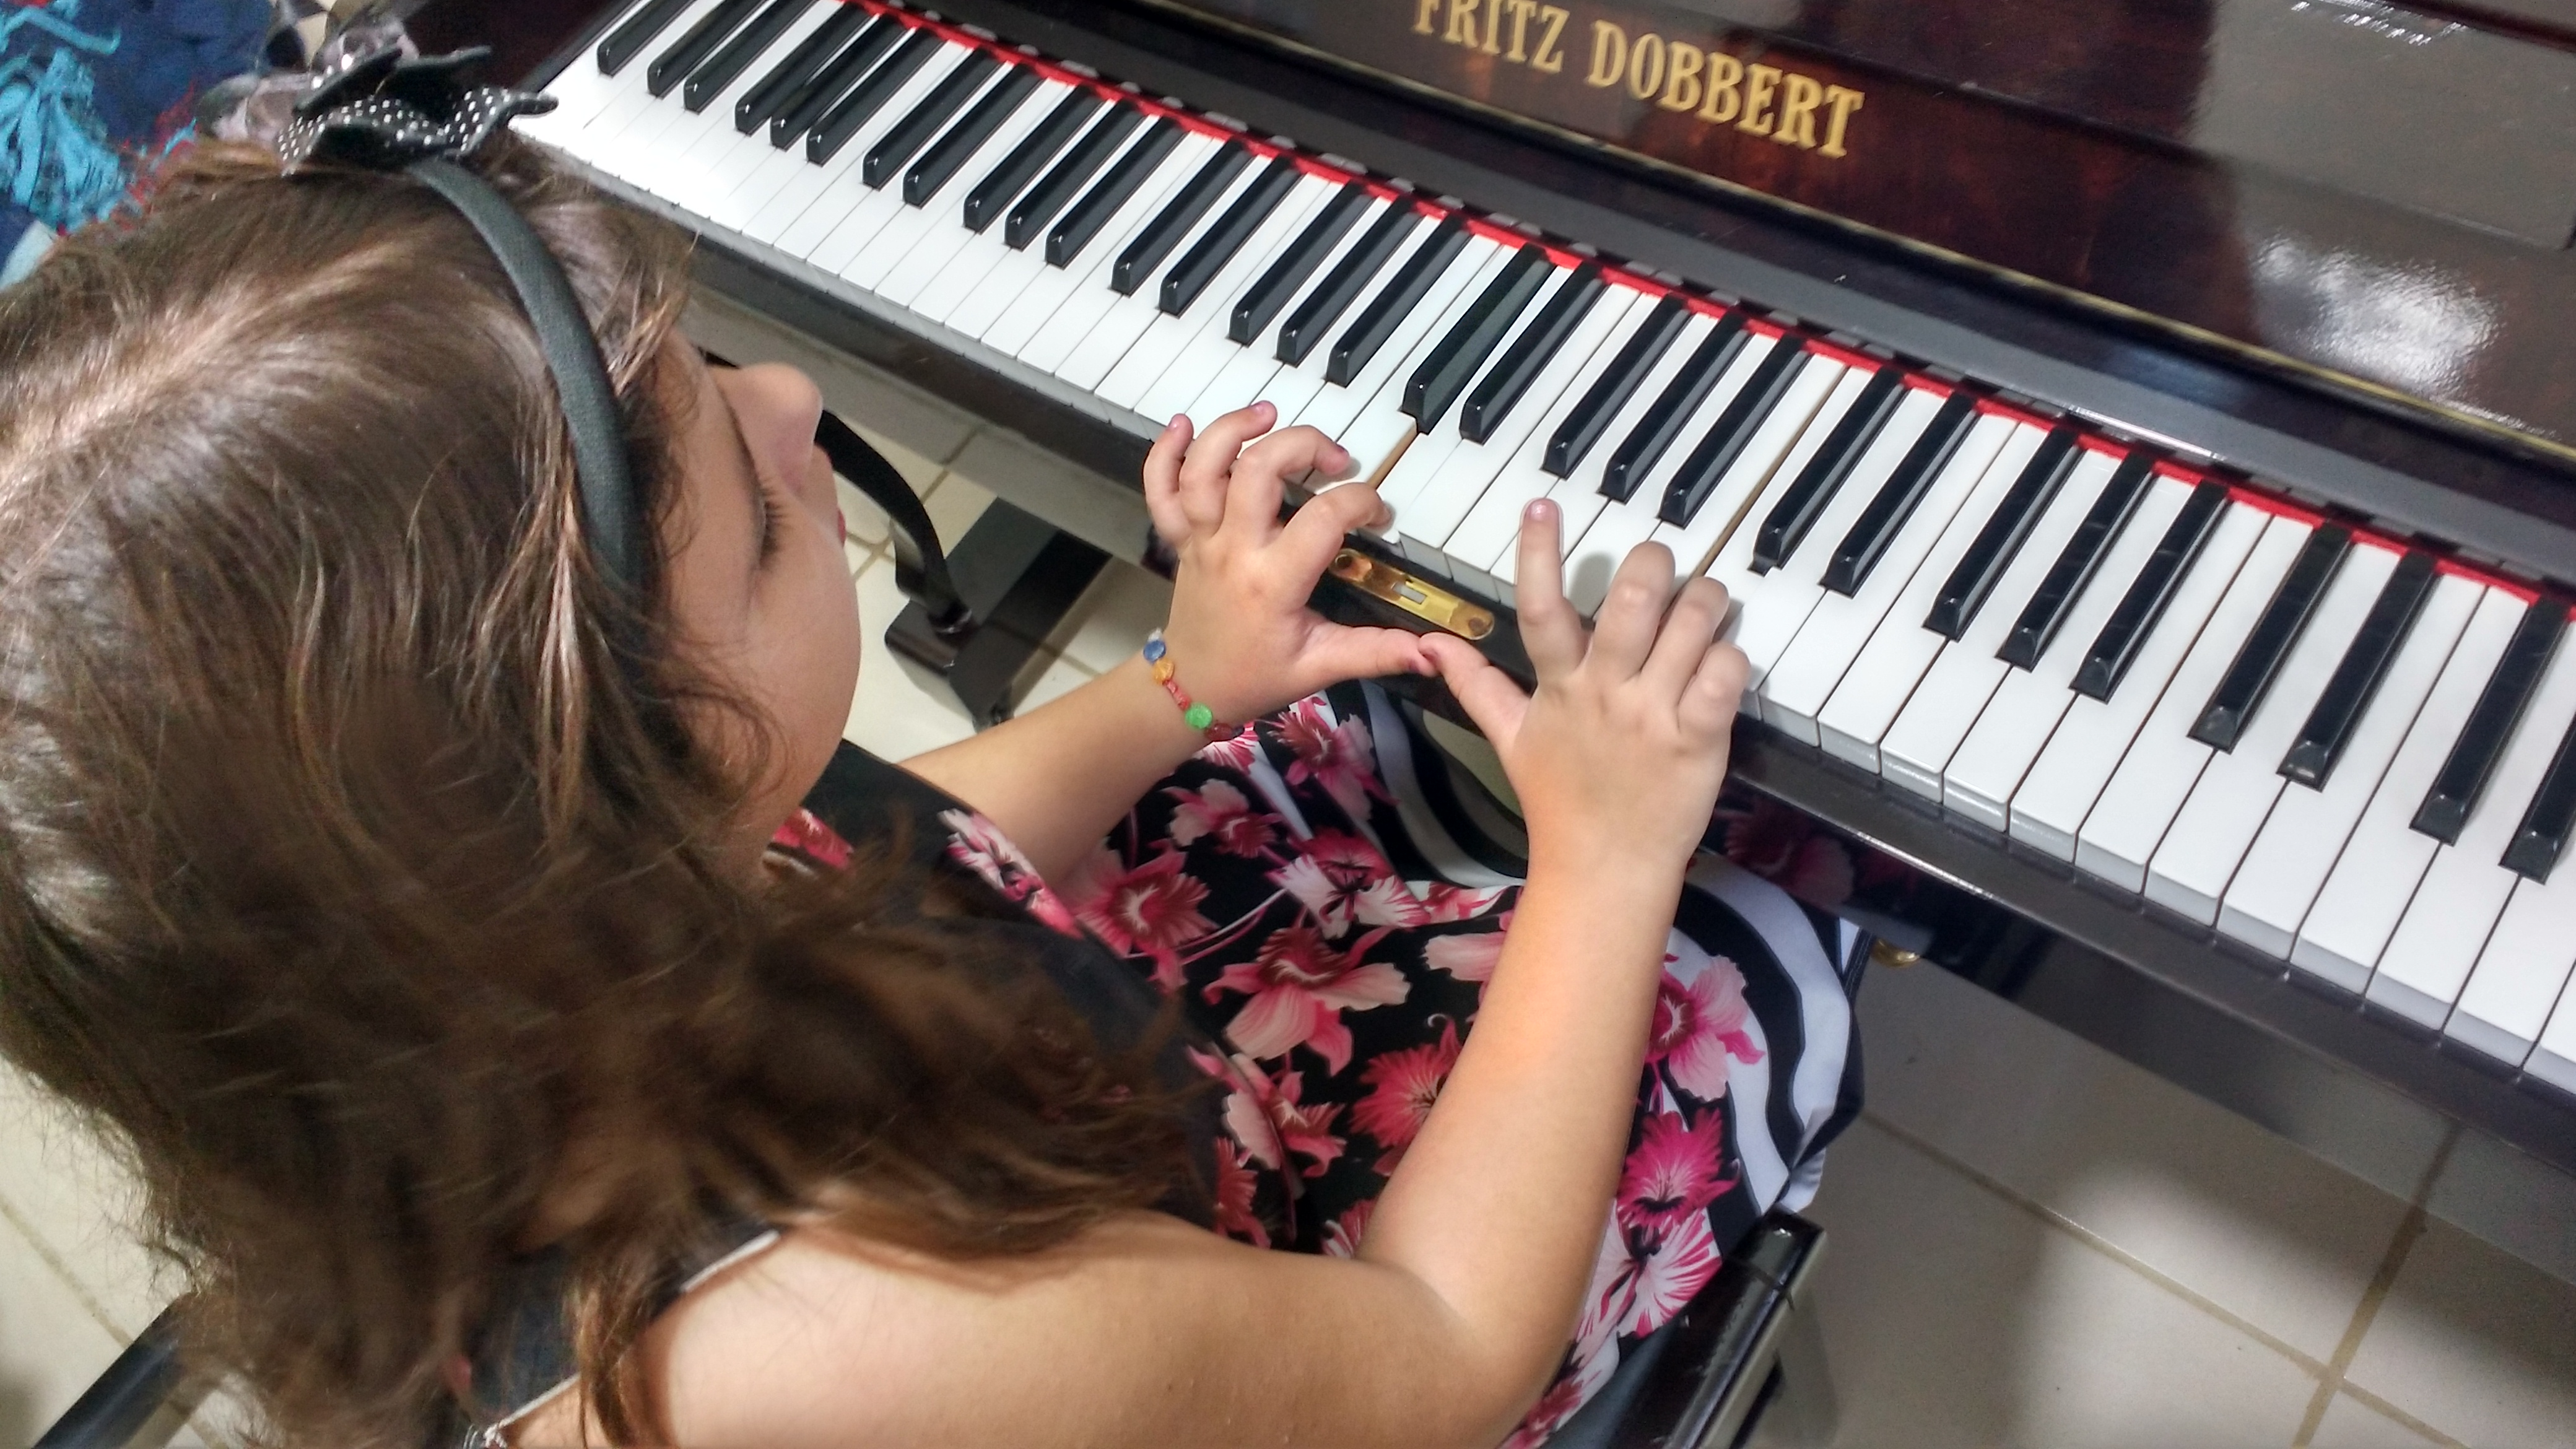 curso de musica em juiz de fora aula para principiantes professora luciane borges telefone 32238063